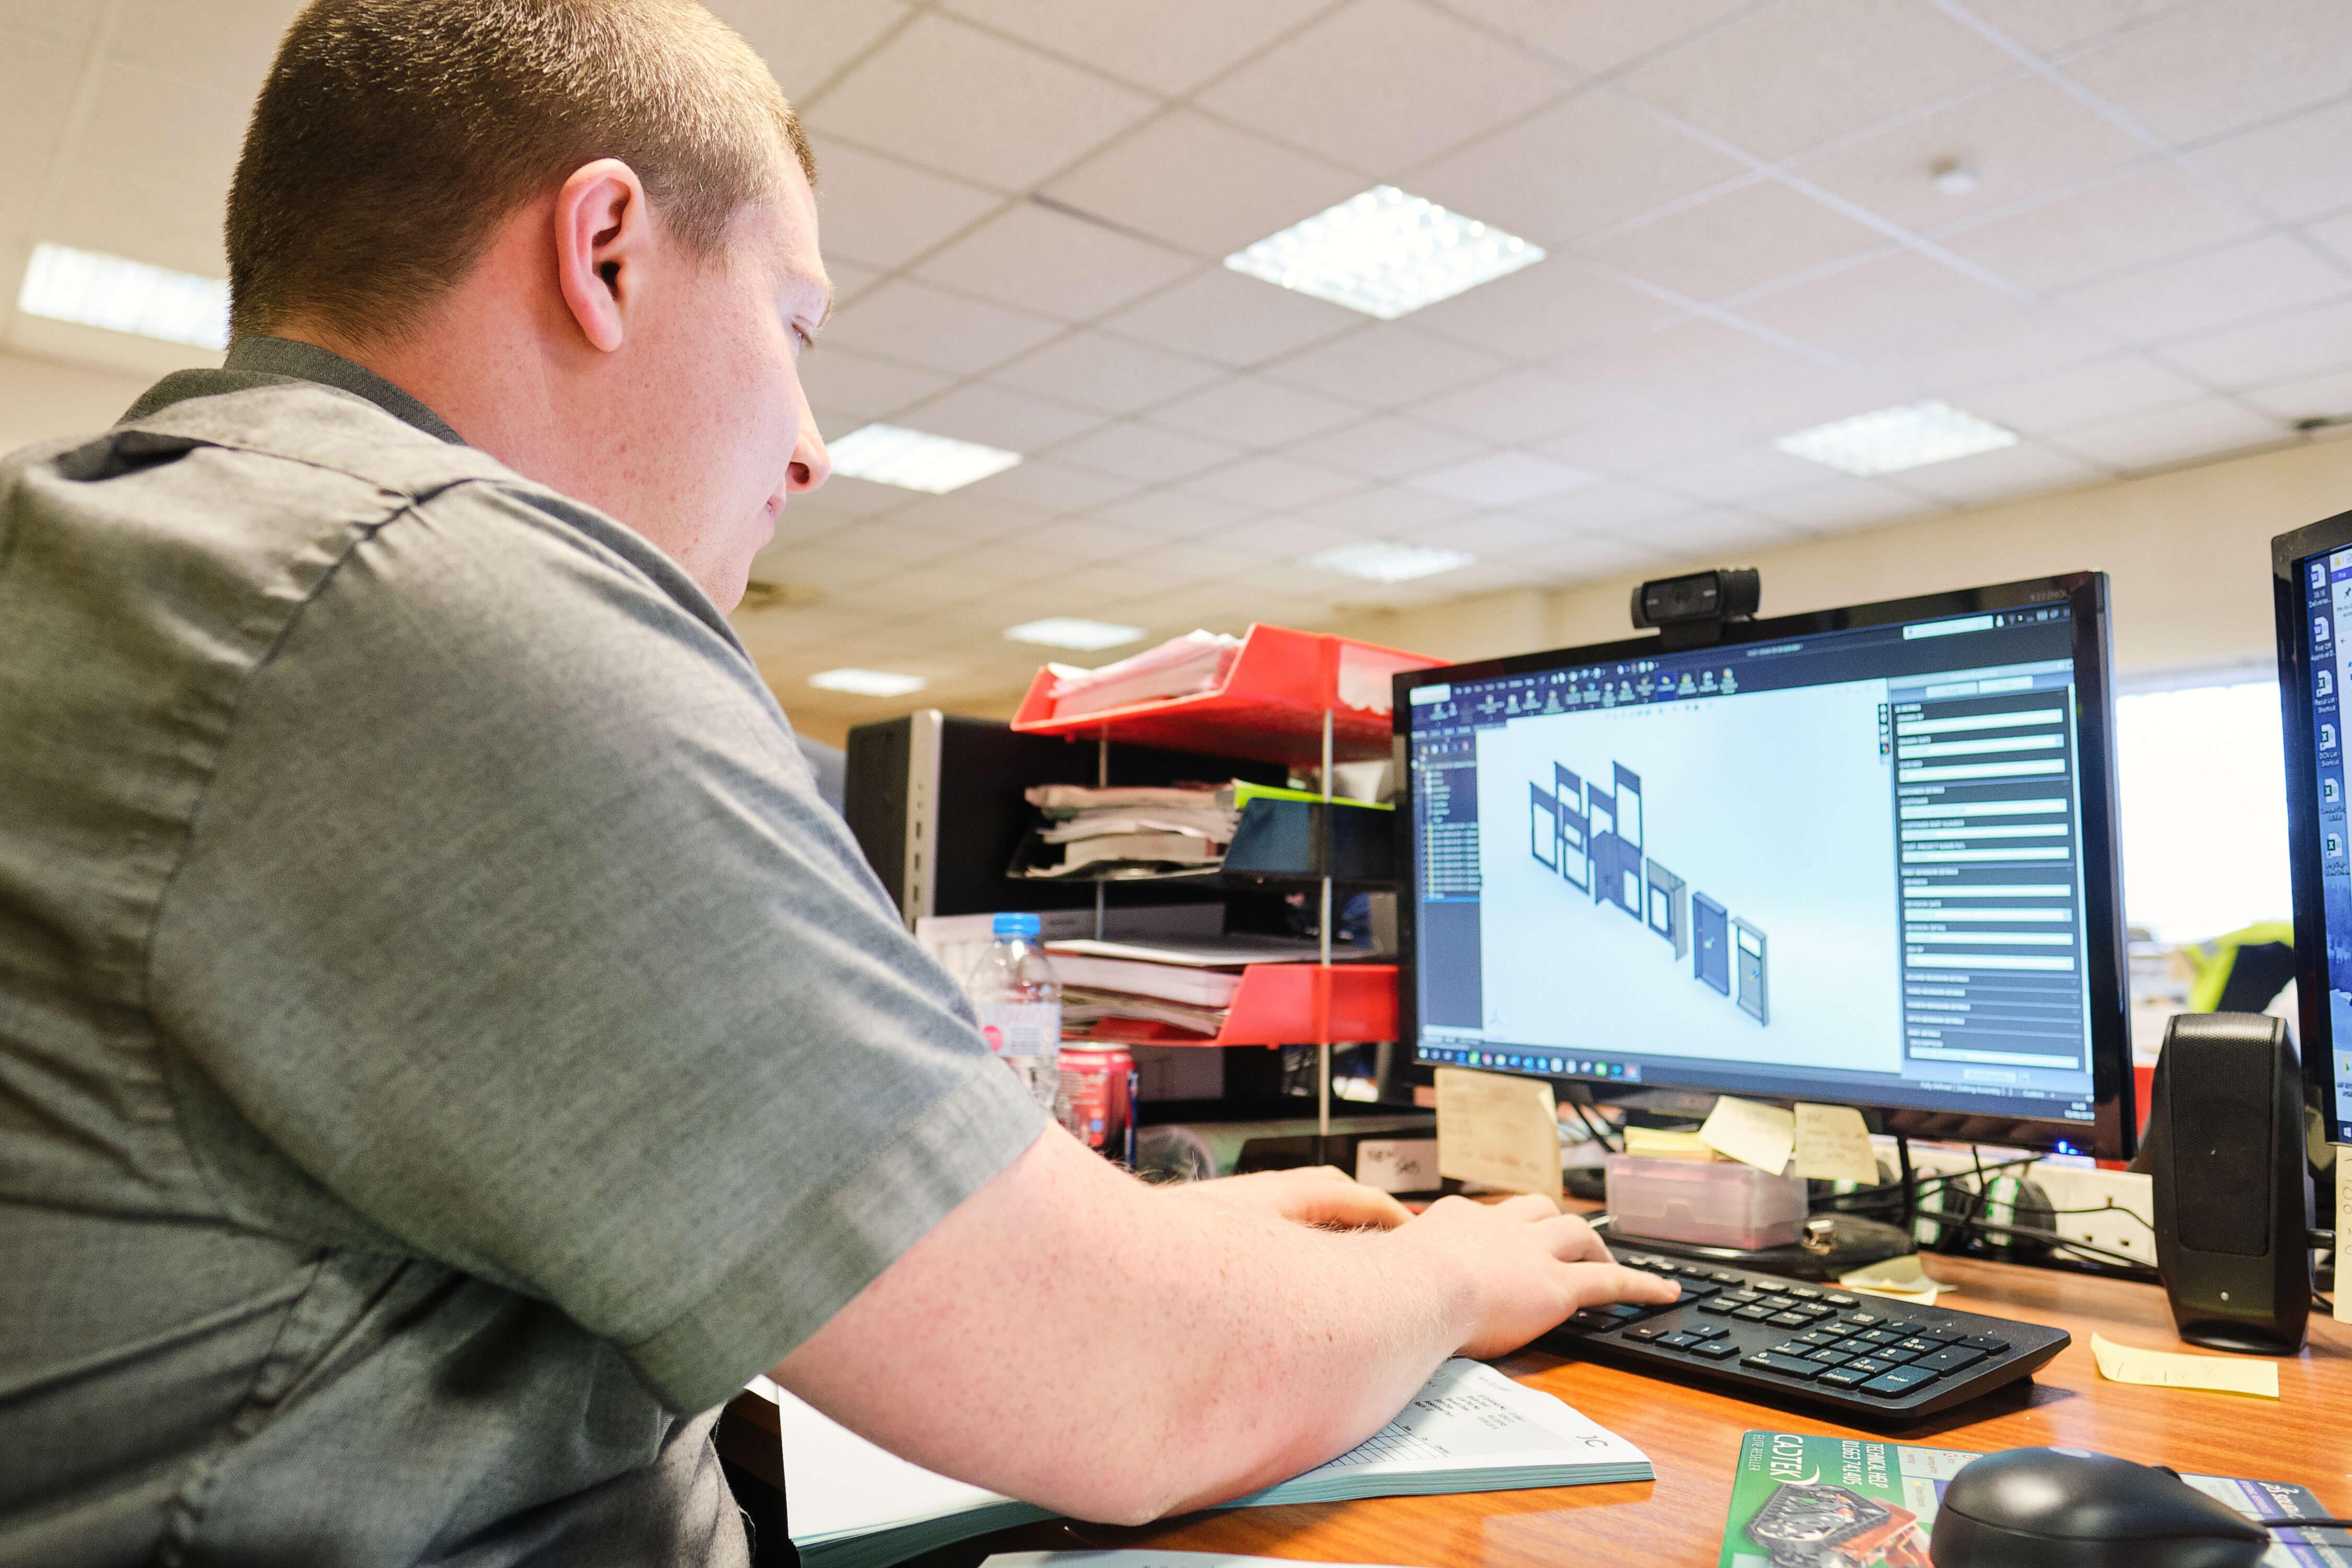 Precision Engineers at work on Metal Works Designs - JC Metalworks UK